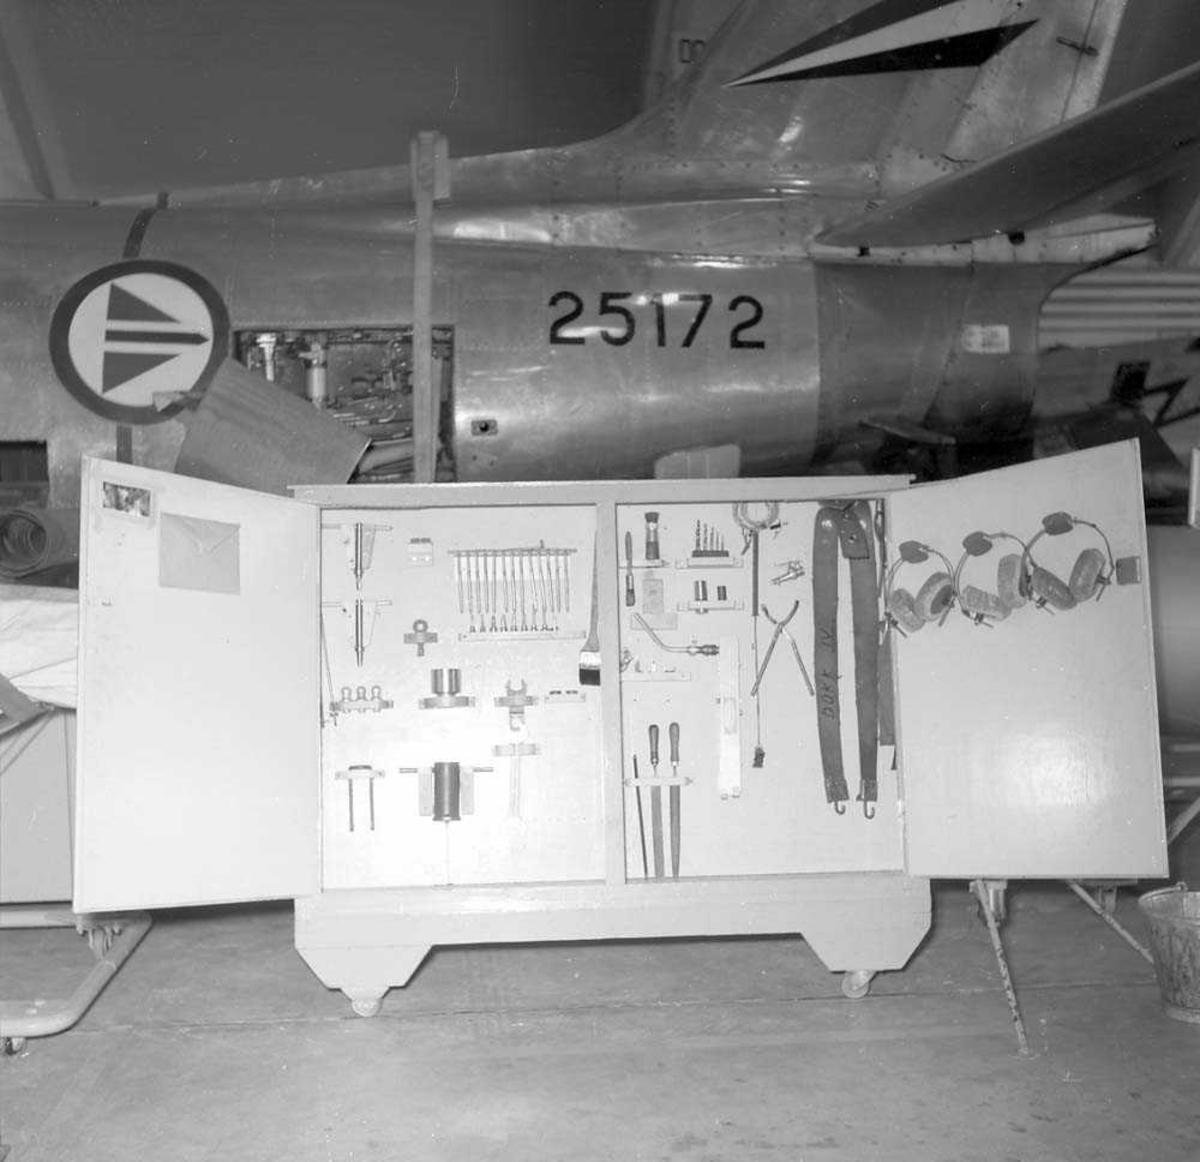 Tavle på Vedlikeholdsskvadronen, Bodø flystasjon.